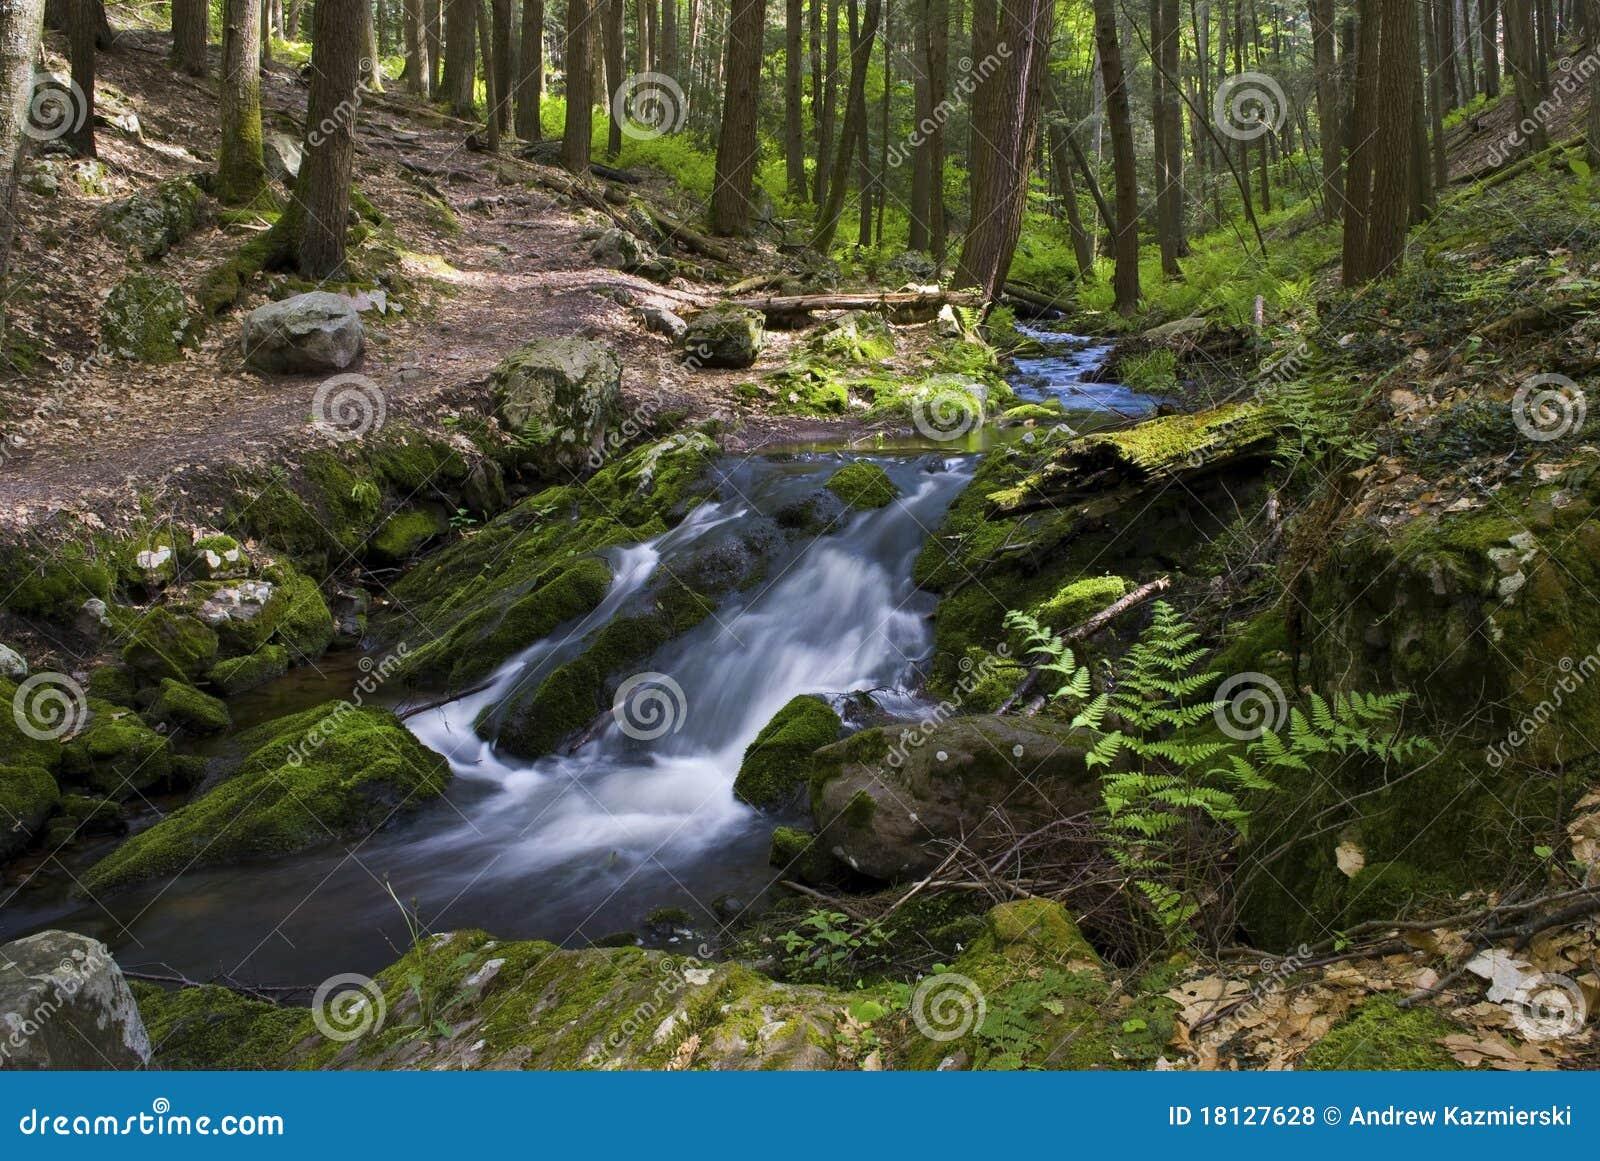 Flusso continuo del verde